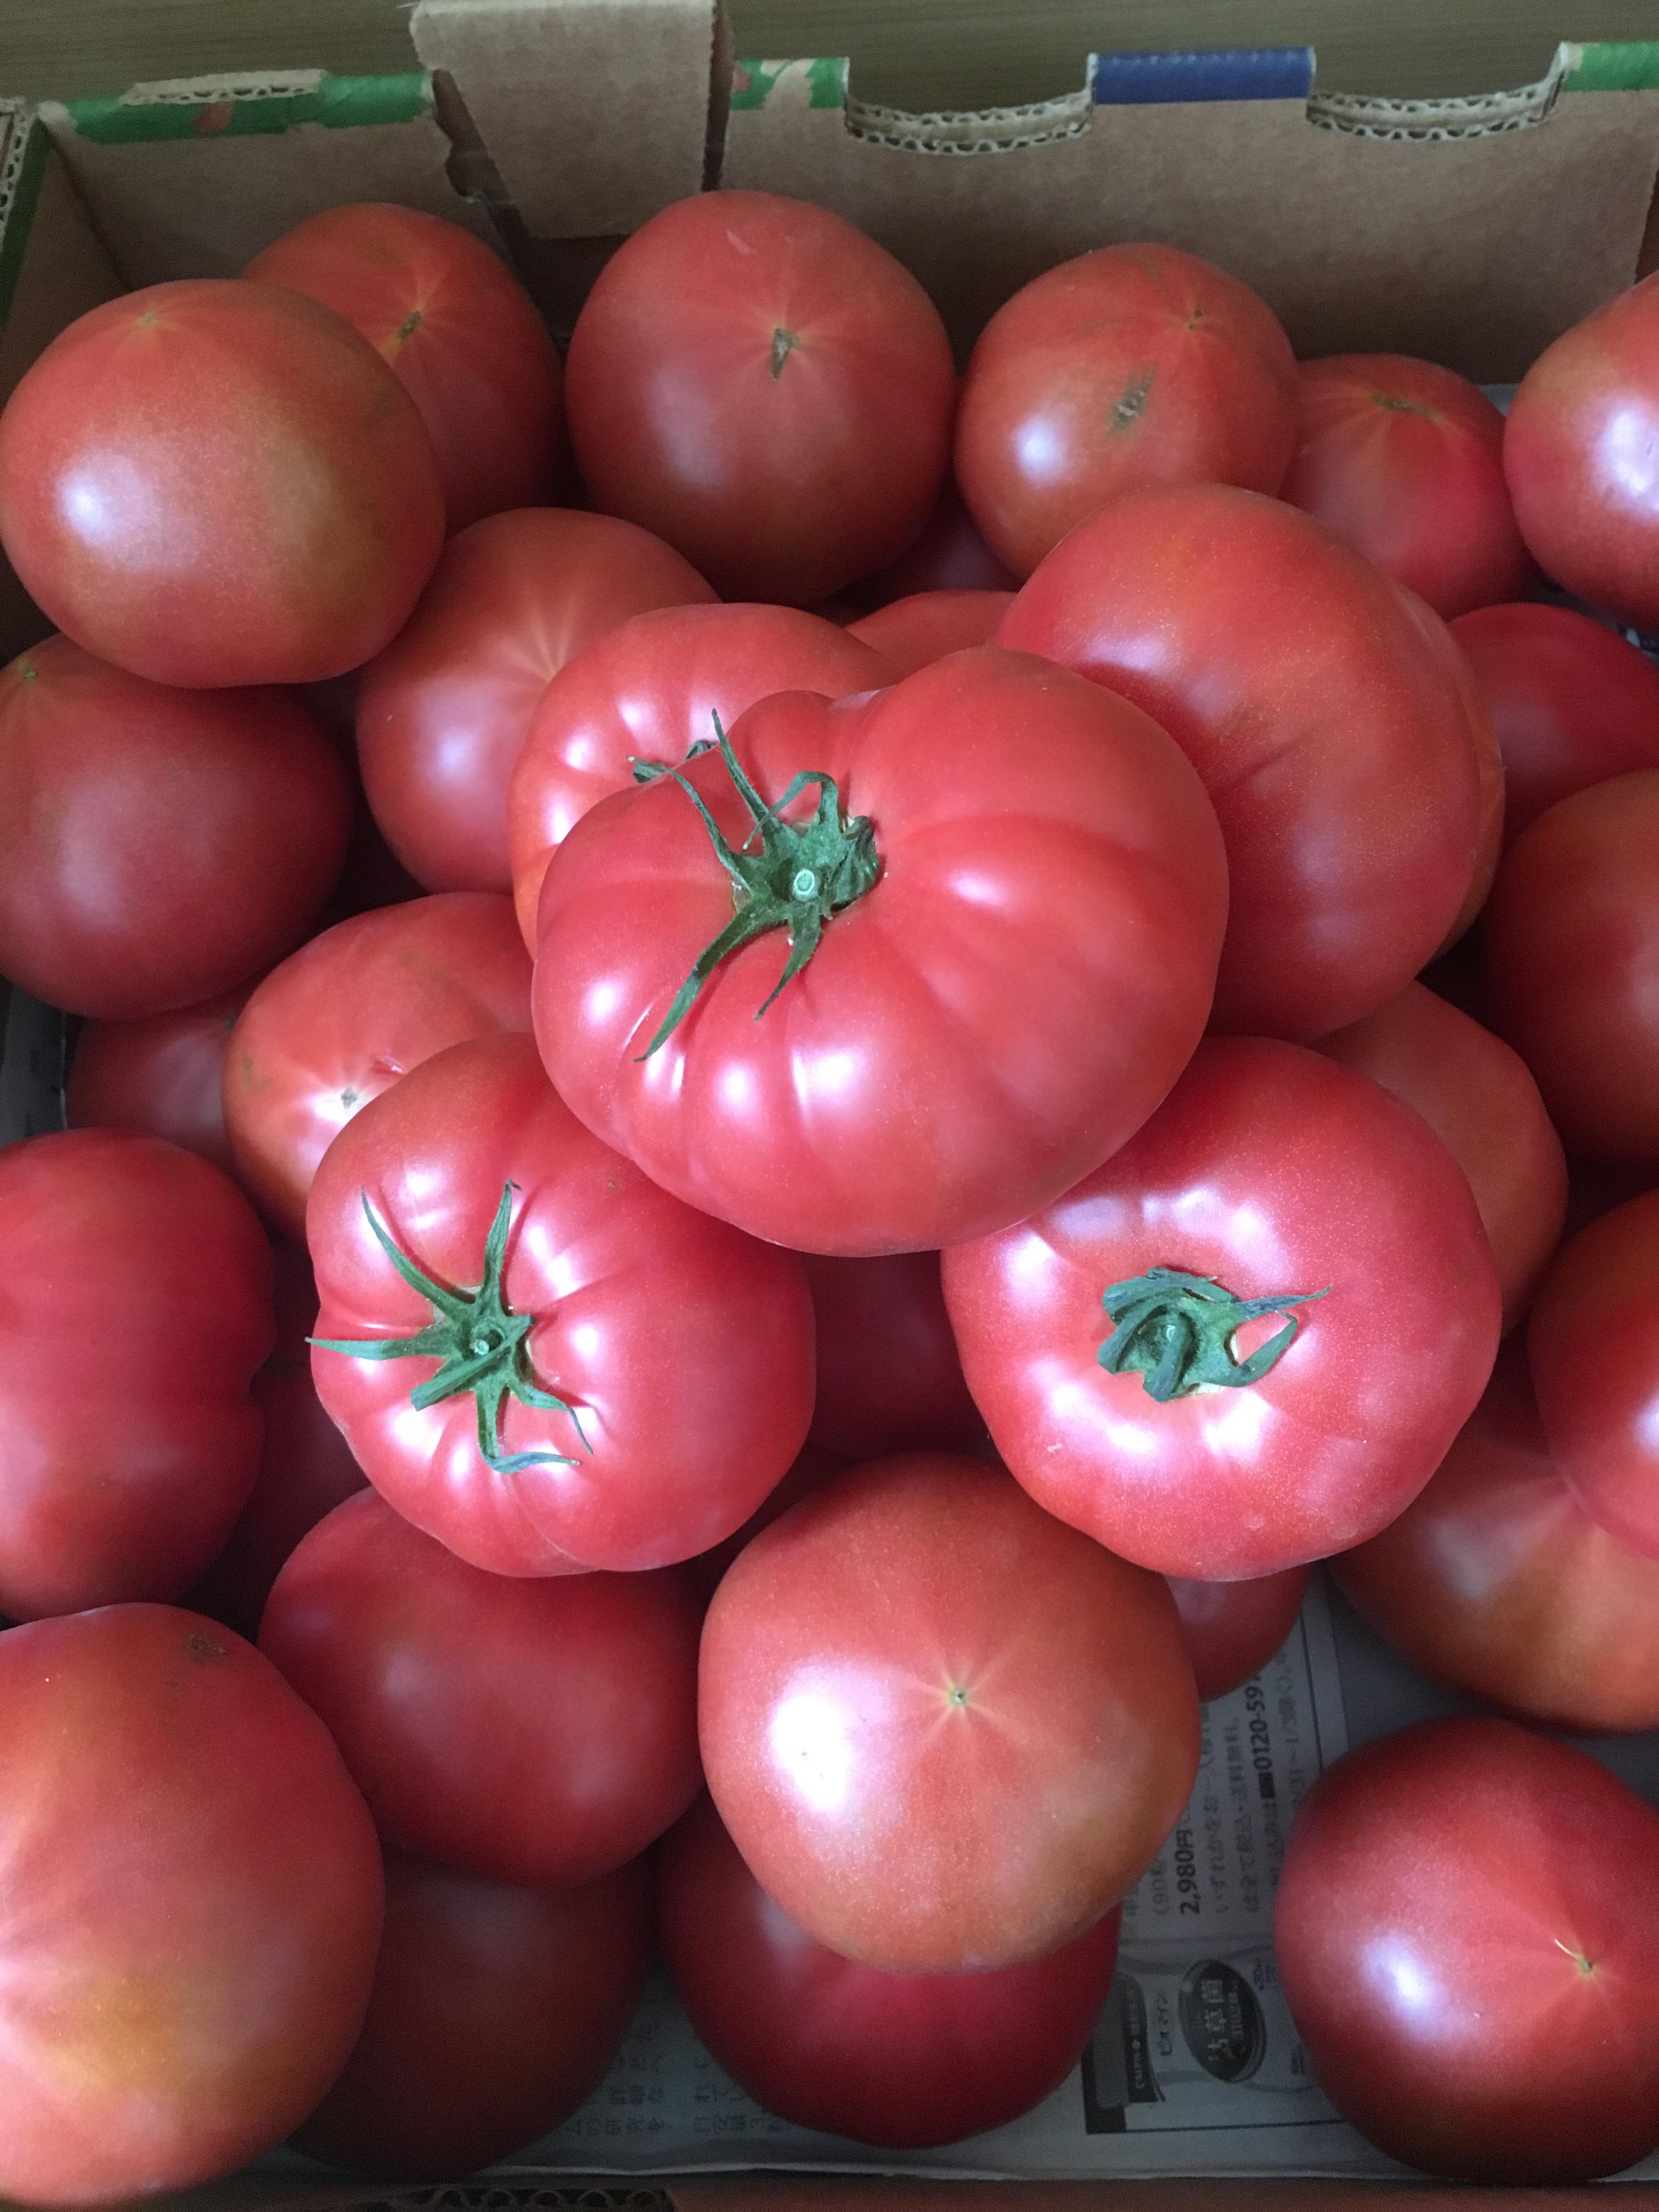 温泉 大人気商品 ニセコ産トマトのご紹介です〜